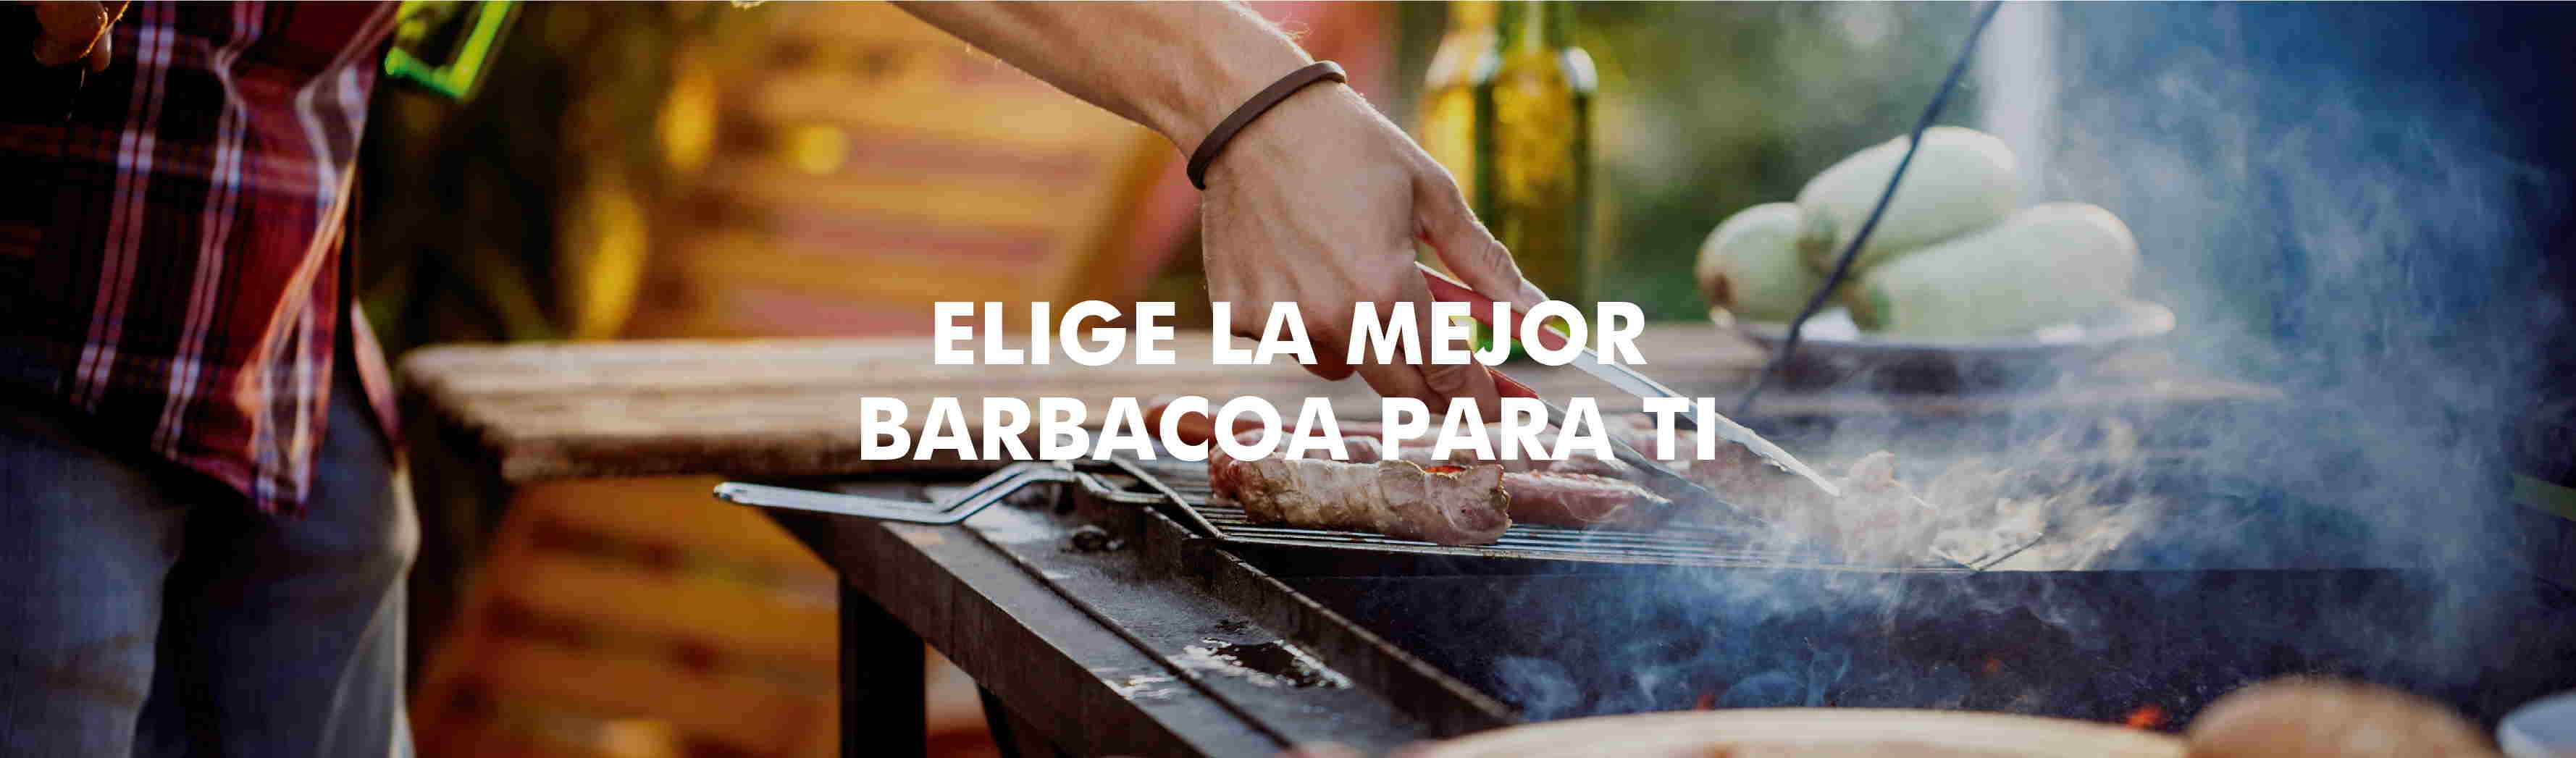 Promoción Barbacoa